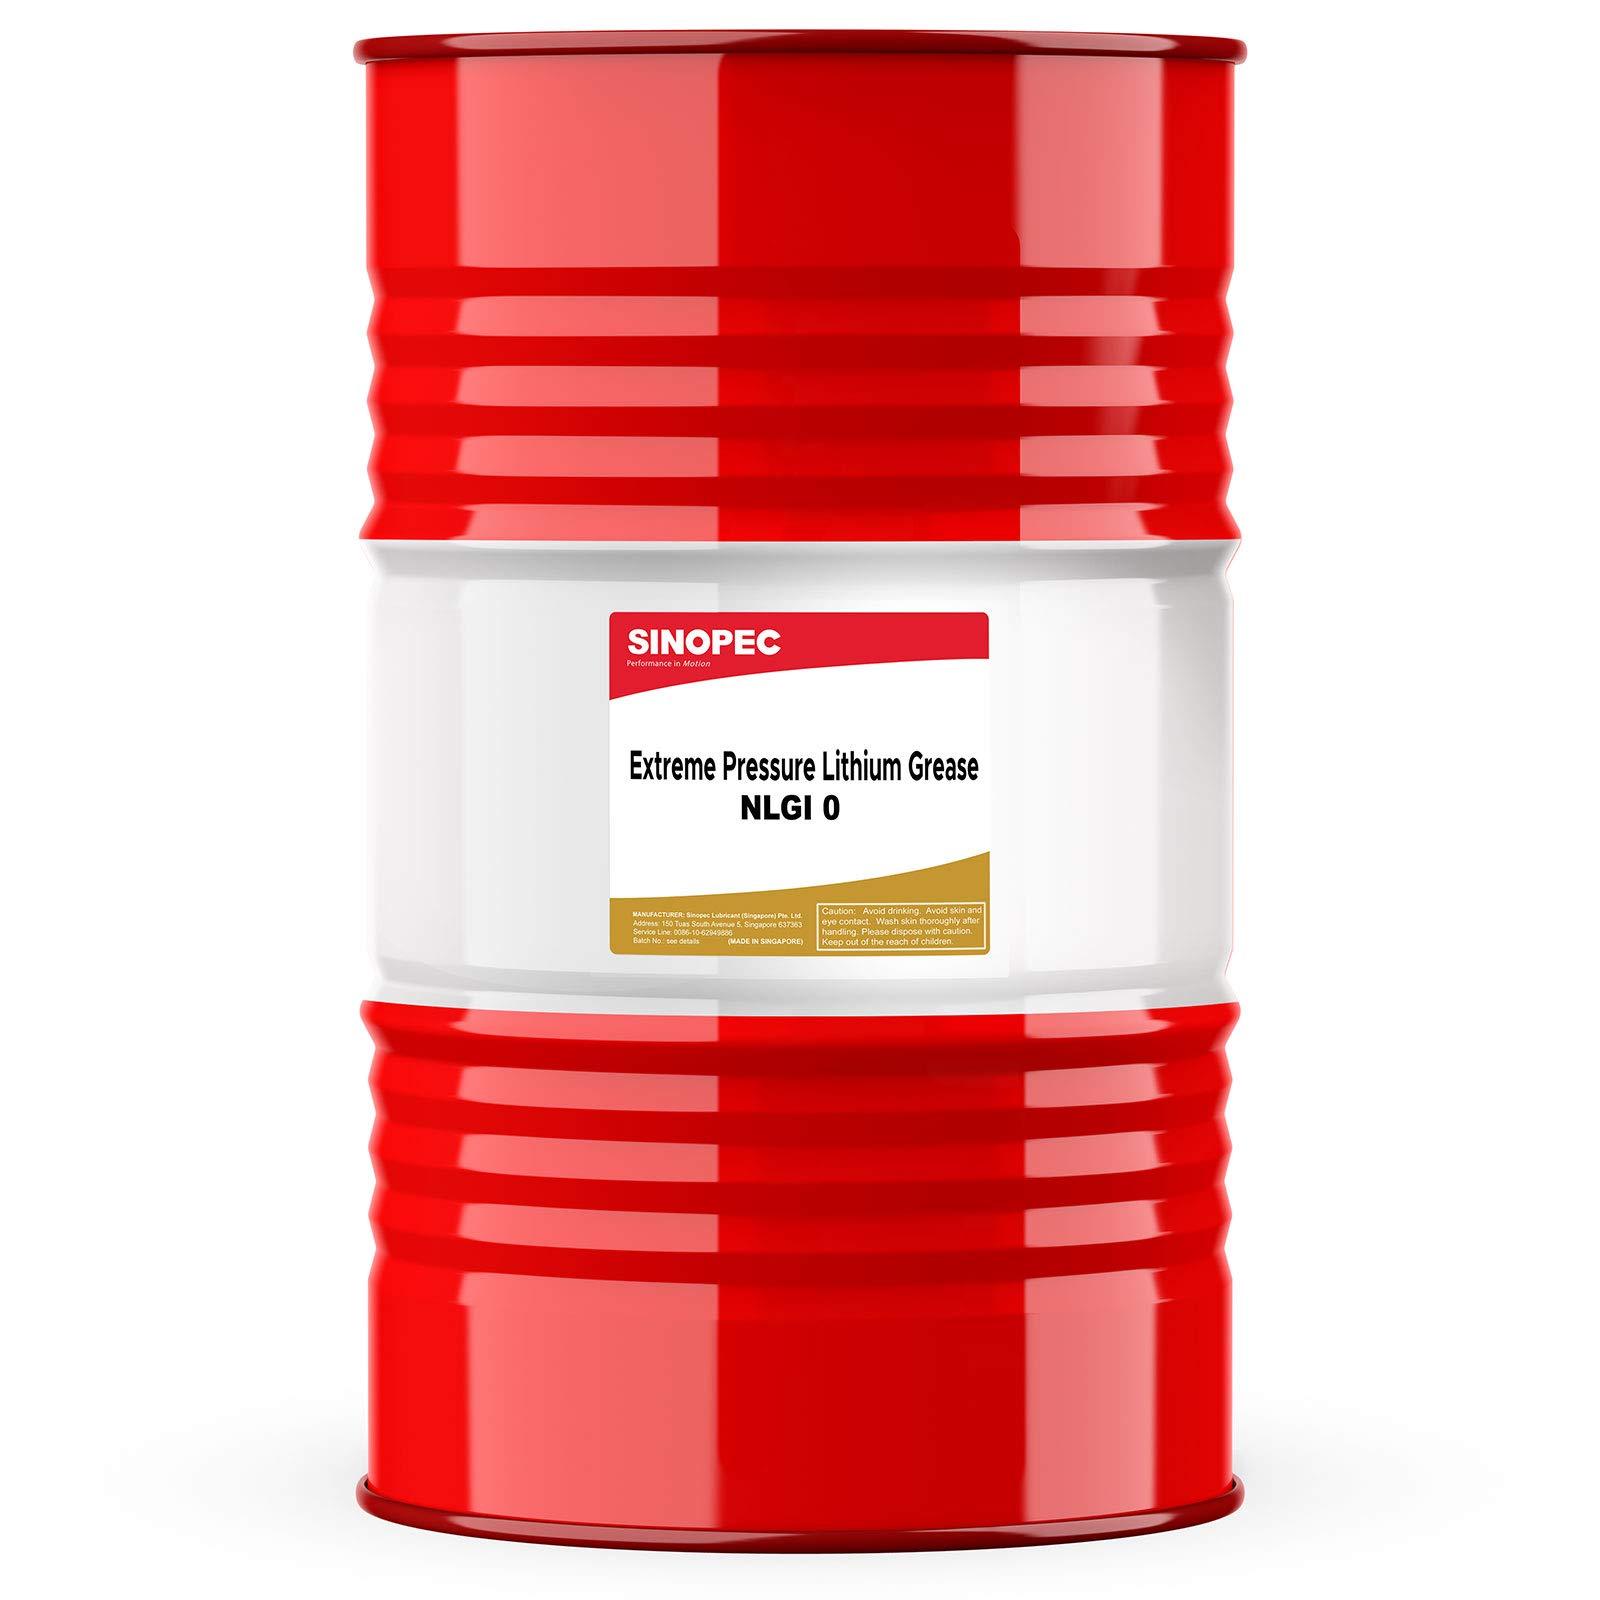 Sinopec (EP0) Extreme Pressure Multipurpose Lithium Grease, NLGI 0-400LB. (55 Gallon) Drum